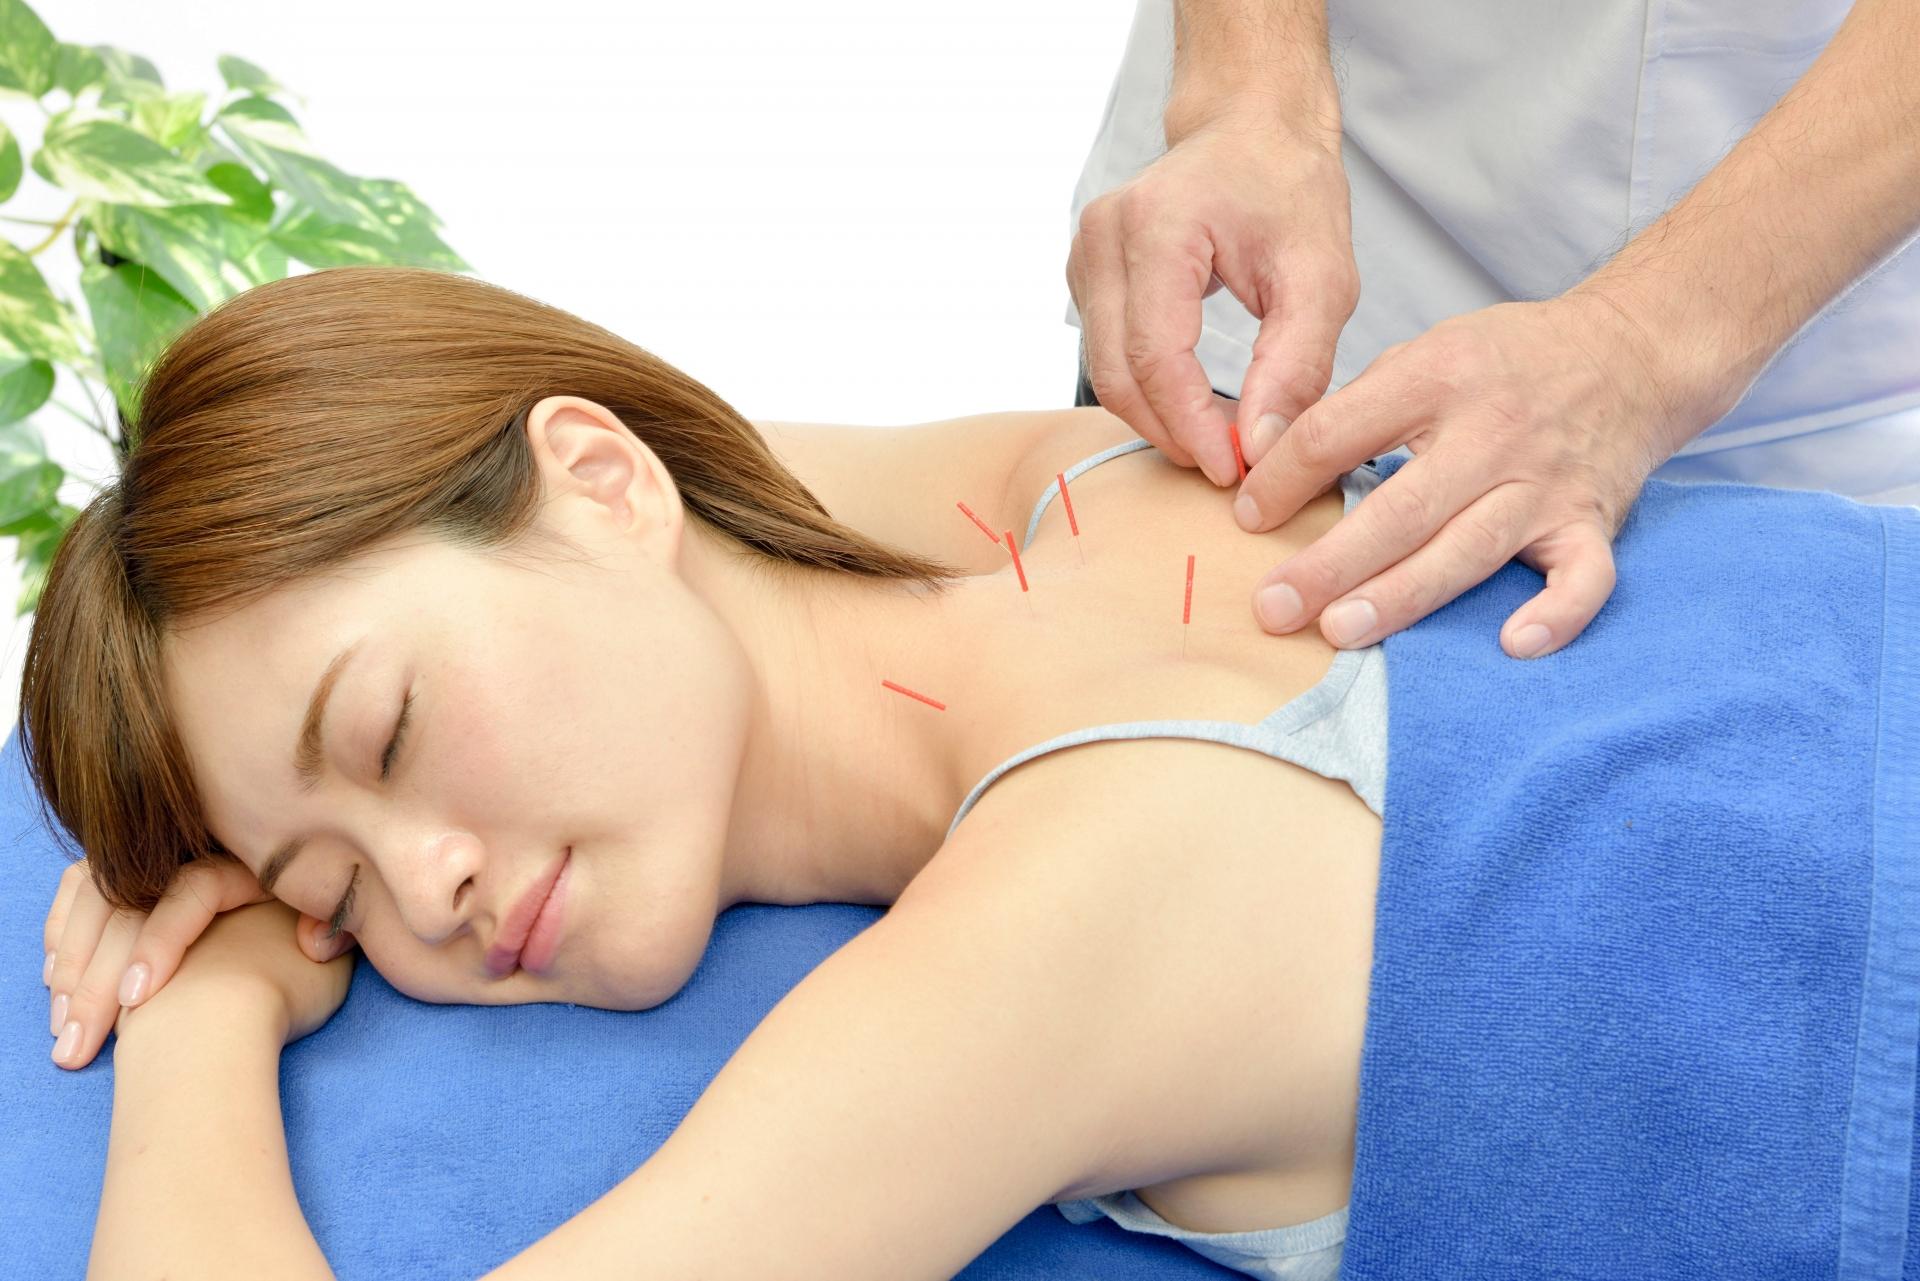 所沢市の予約可能なおすすめ鍼灸院まとめ!<首・肩の痛み・頭痛・腰痛>